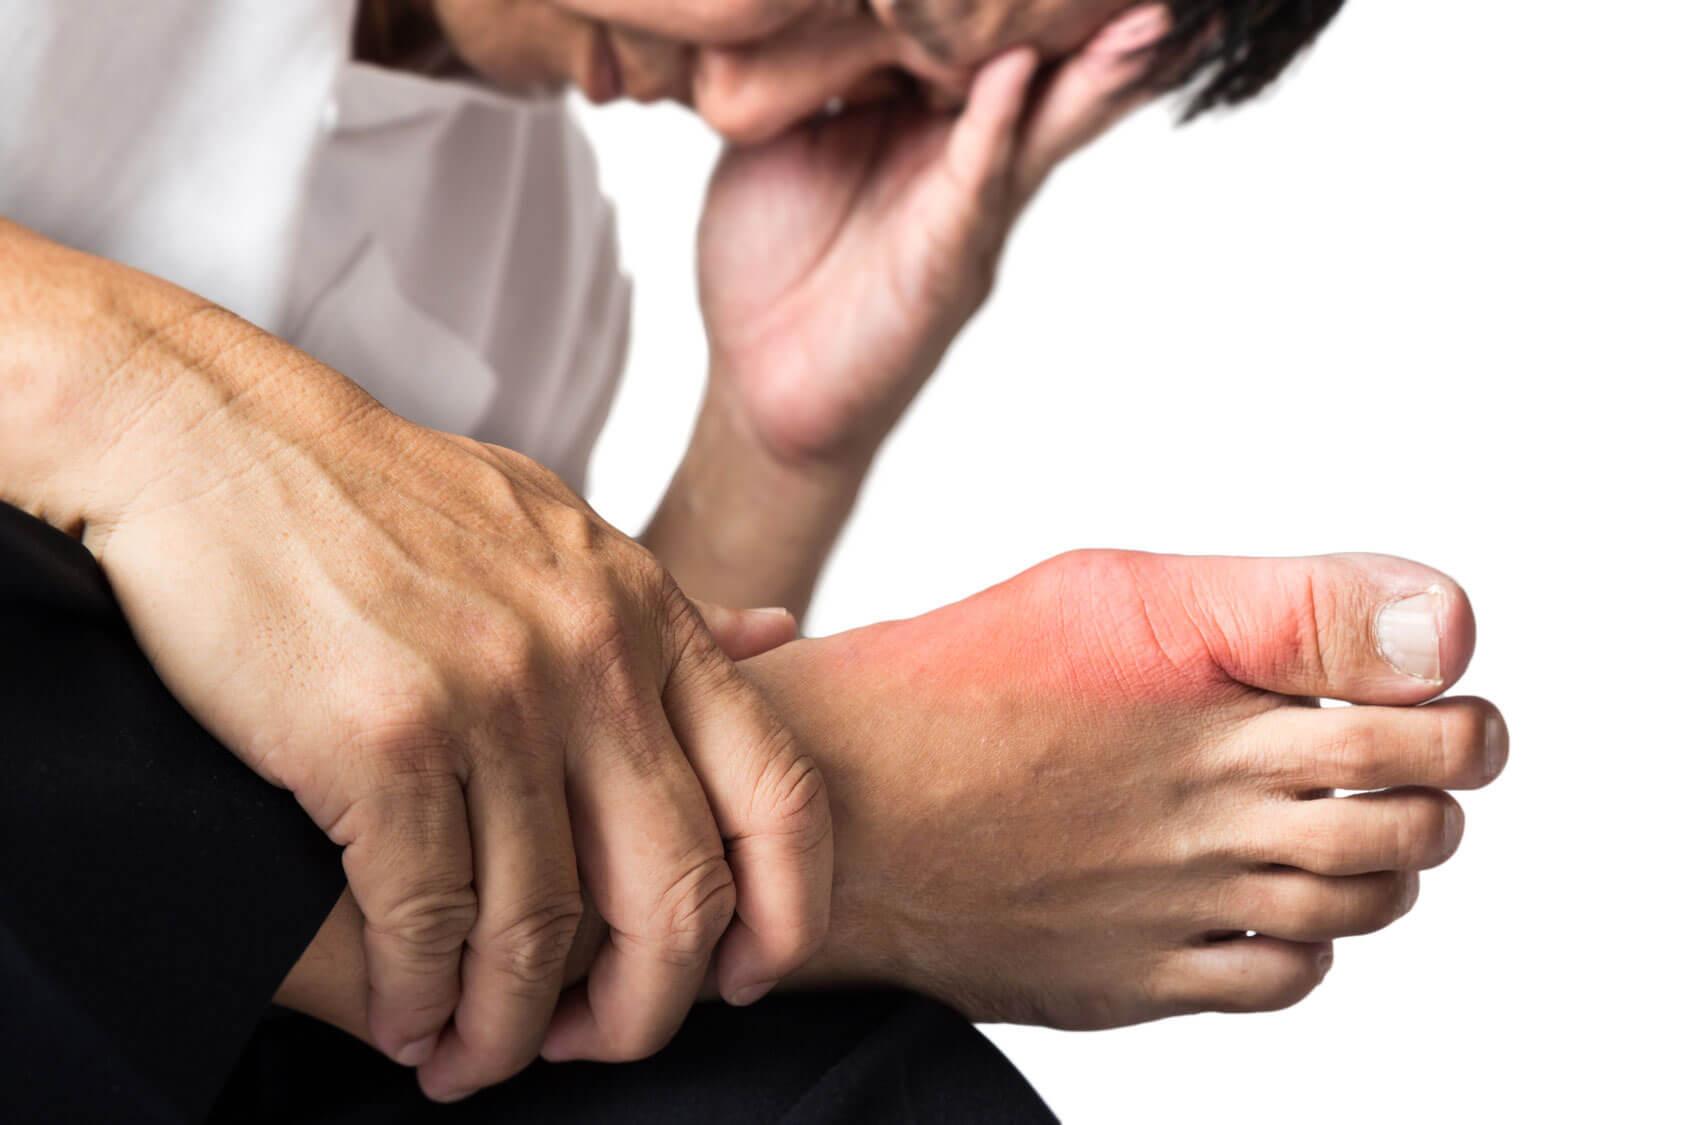 بیماری نقرس چیست؟ درمان آن را میدانید؟ - بیماری نقرس و راه های درمان آن را بشناسید!